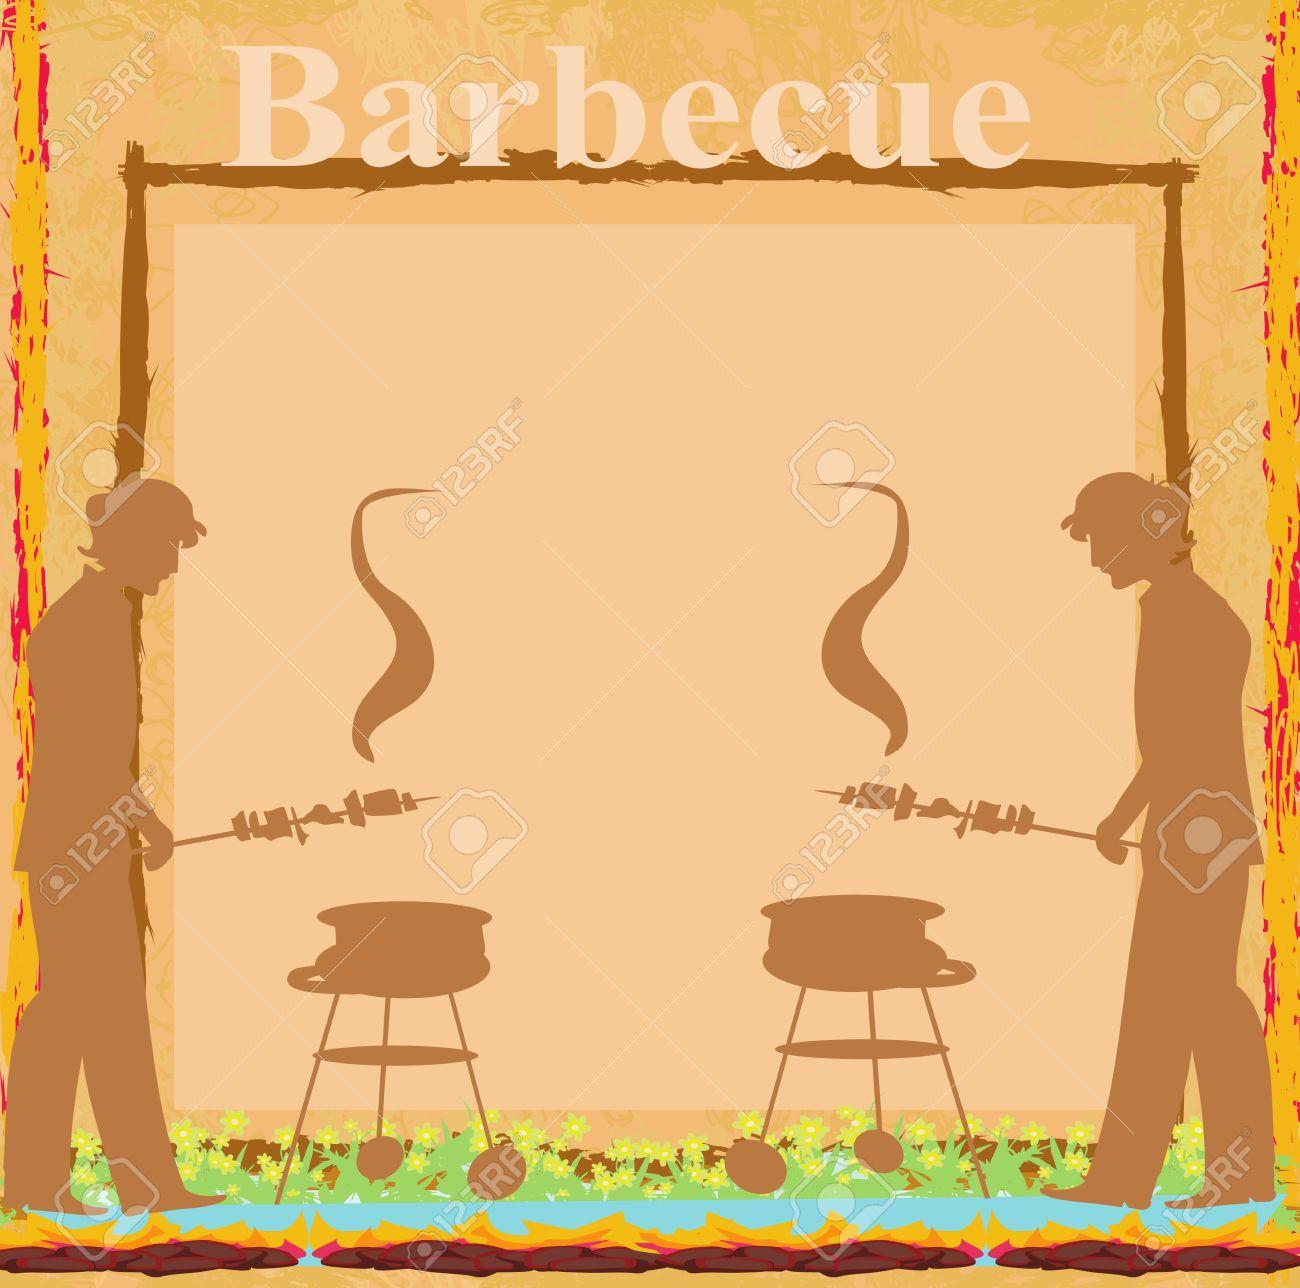 Hombre De Cocinar En Su Barbacoa Tarjeta De Invitación